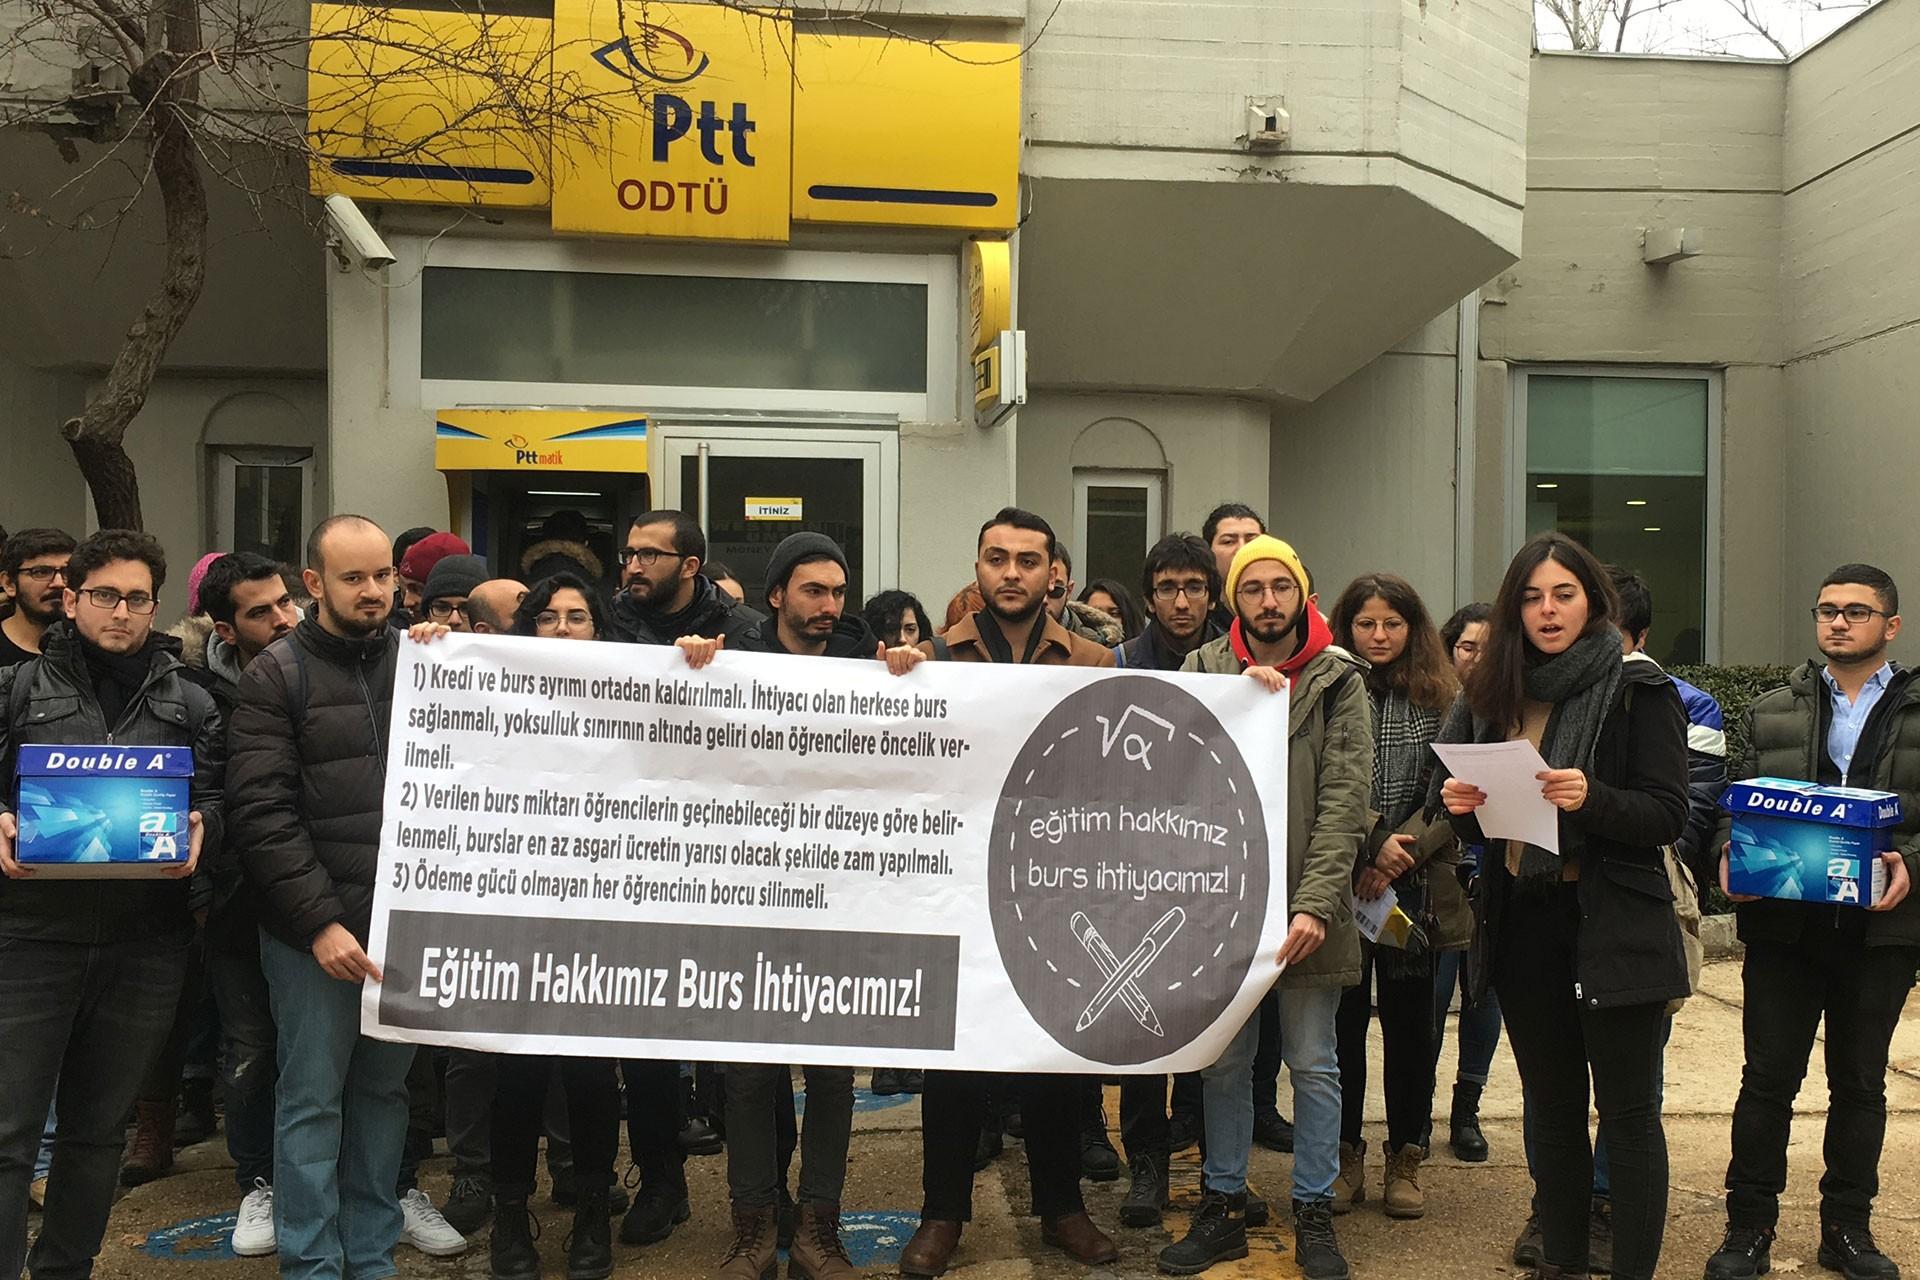 ODTÜ öğrencileri PTT önünde basn açıklaması yaptı.